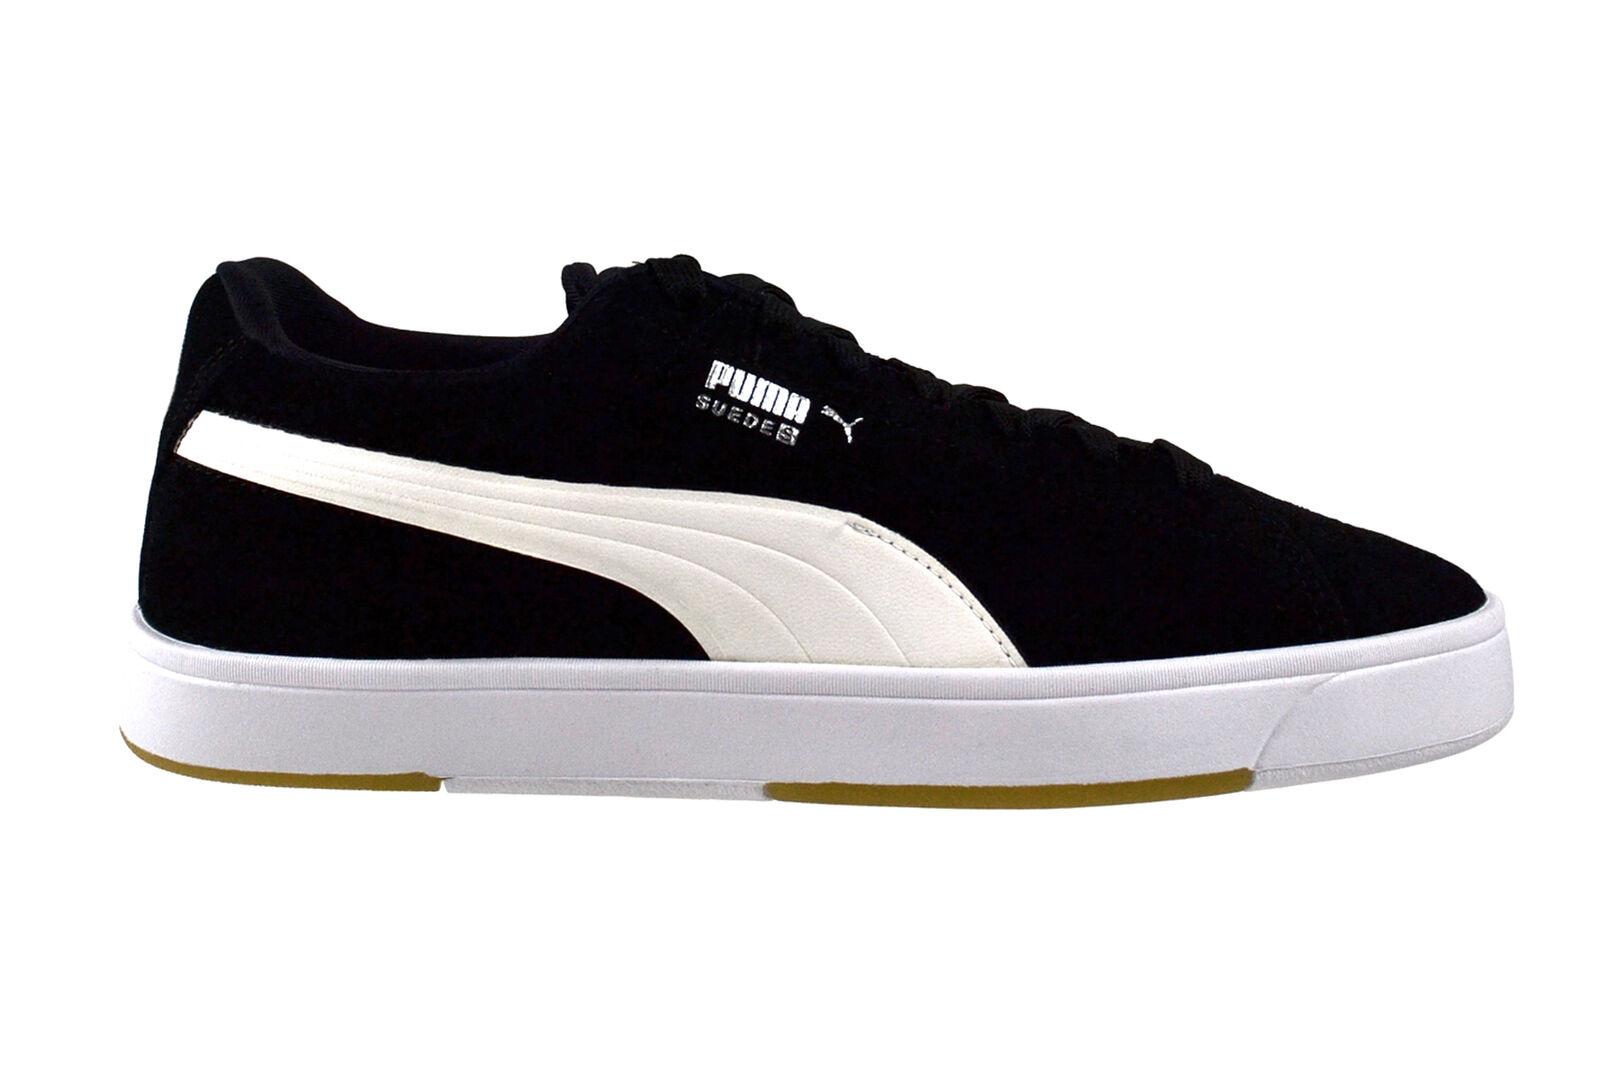 Puma Suede S classic black white Sneaker Schuhe schwarz 356414 34